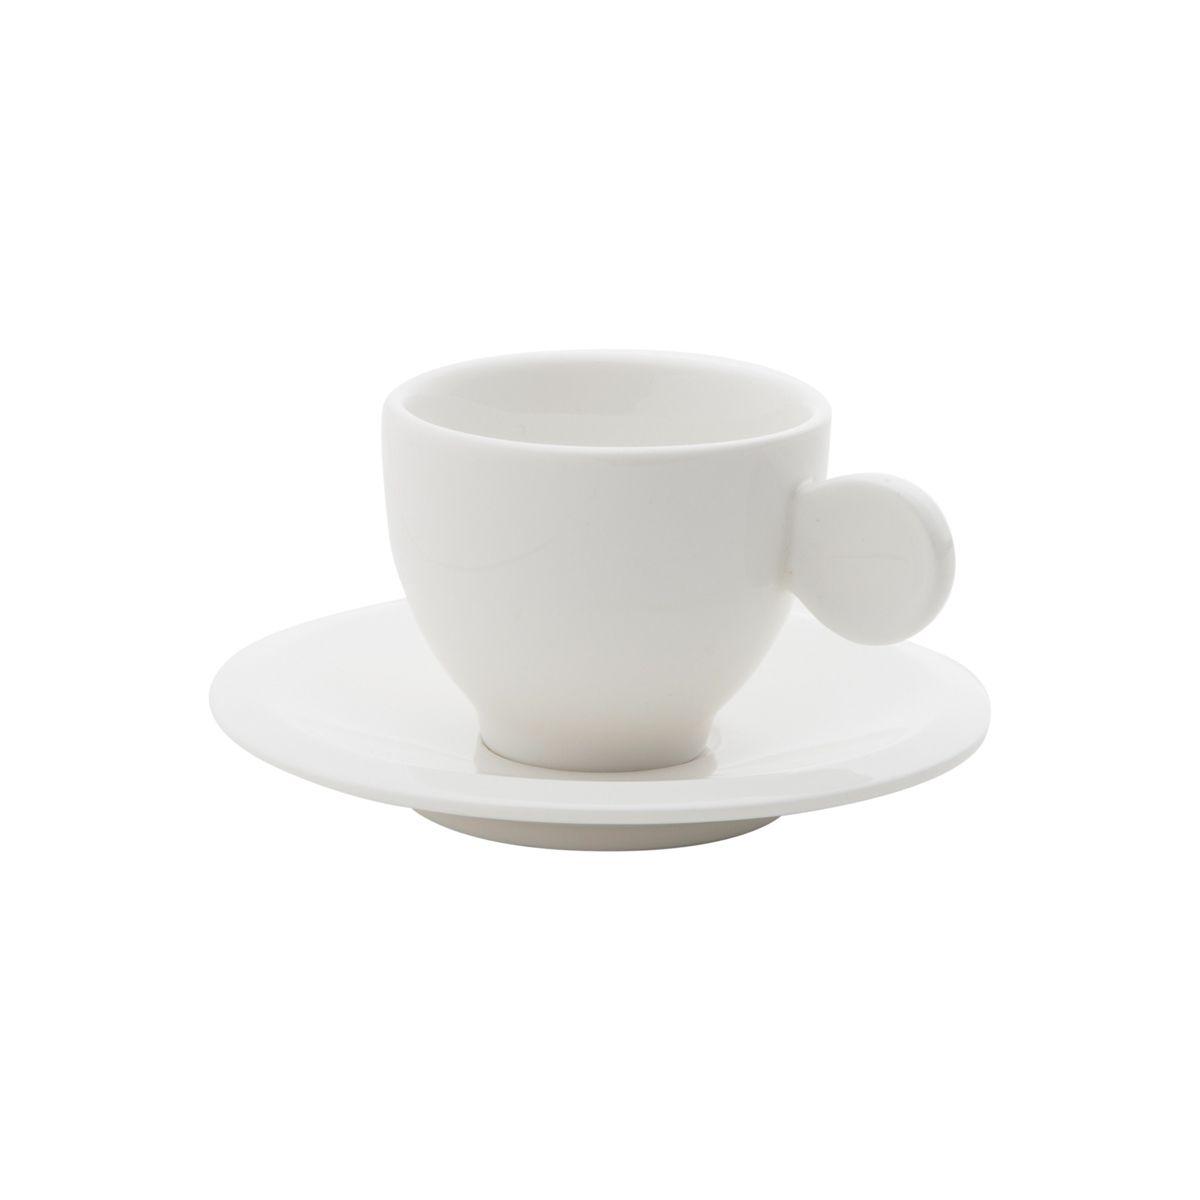 Conjunto de Xícaras de Café Wolff em Porcelana 70ml c/ Pires 1179 - 12 Peças